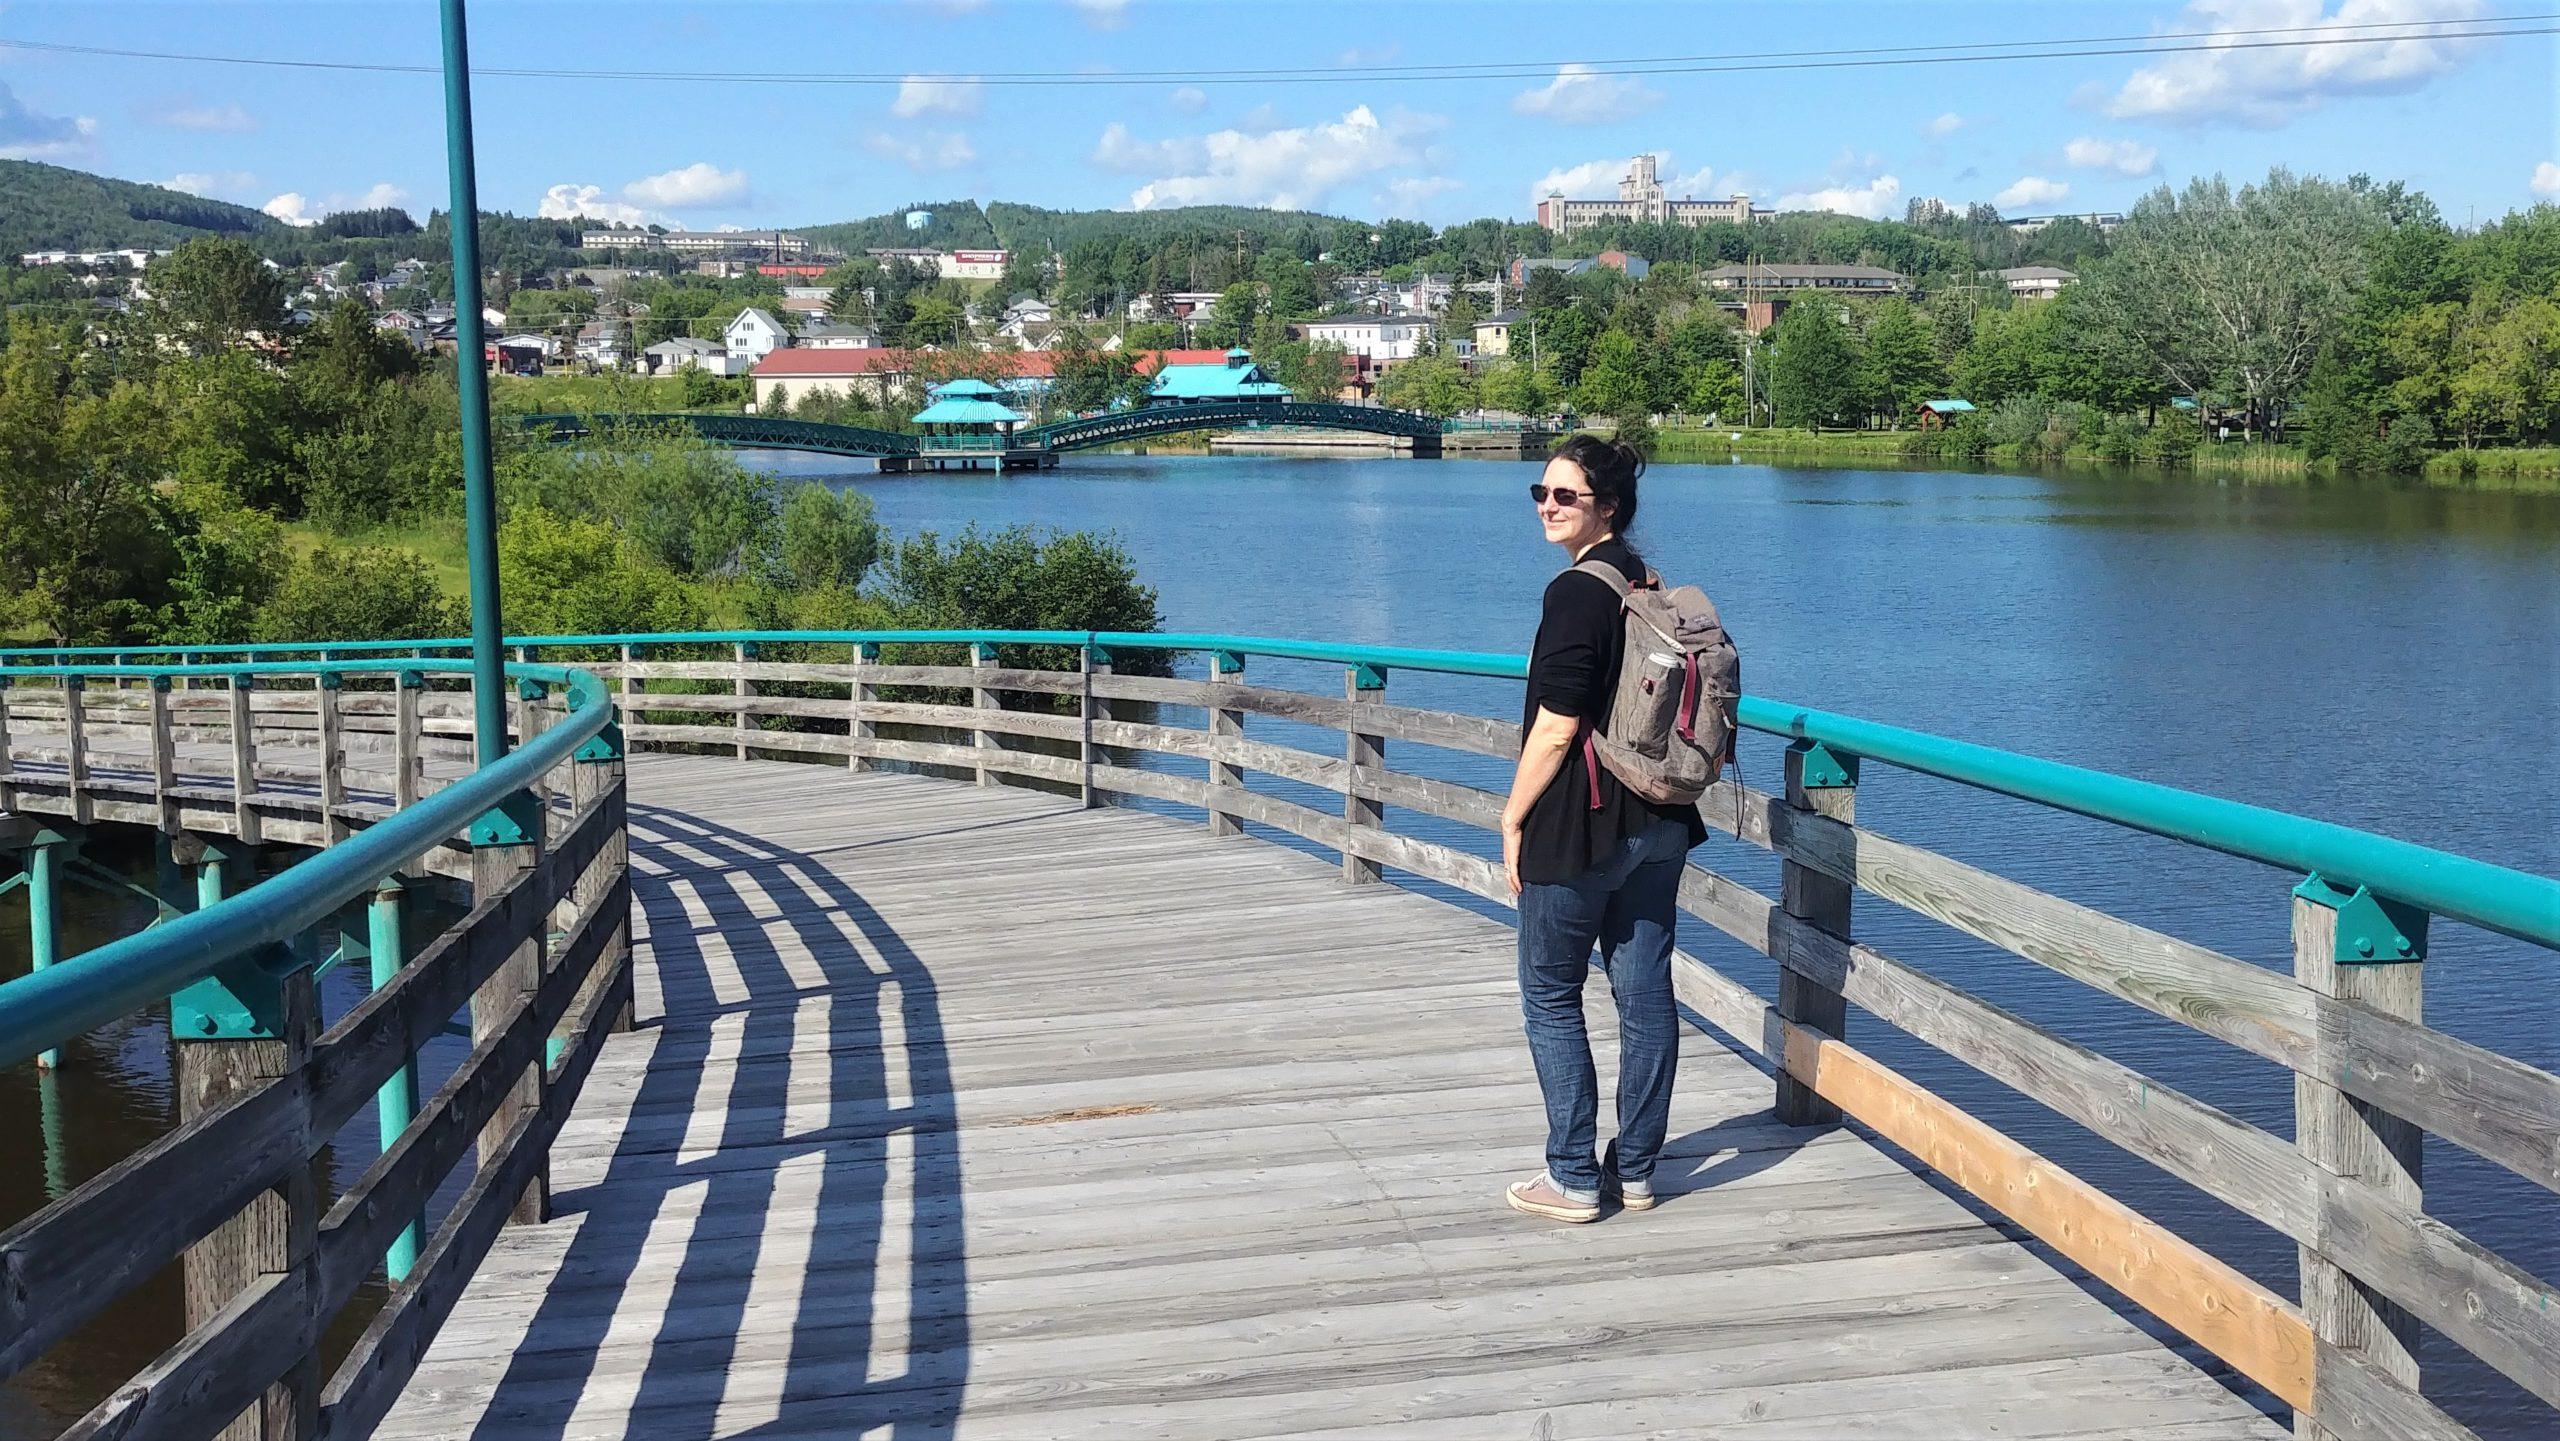 Edmundston activités Nouveau-Brunswick blog voyage arpenter le chemin